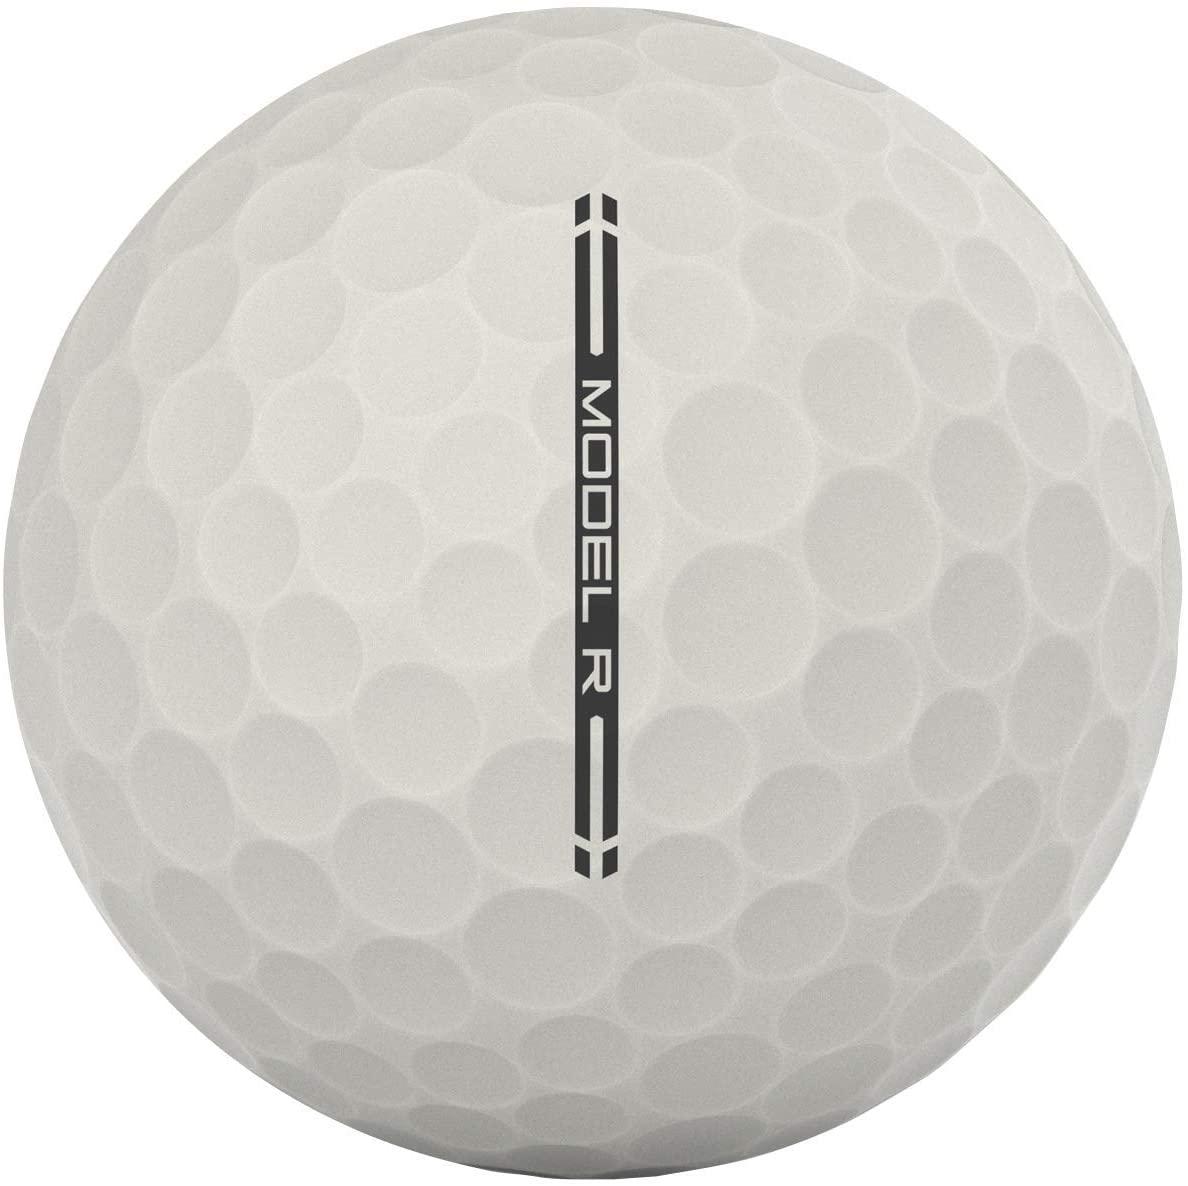 wilson model 4, best golf balls reviews